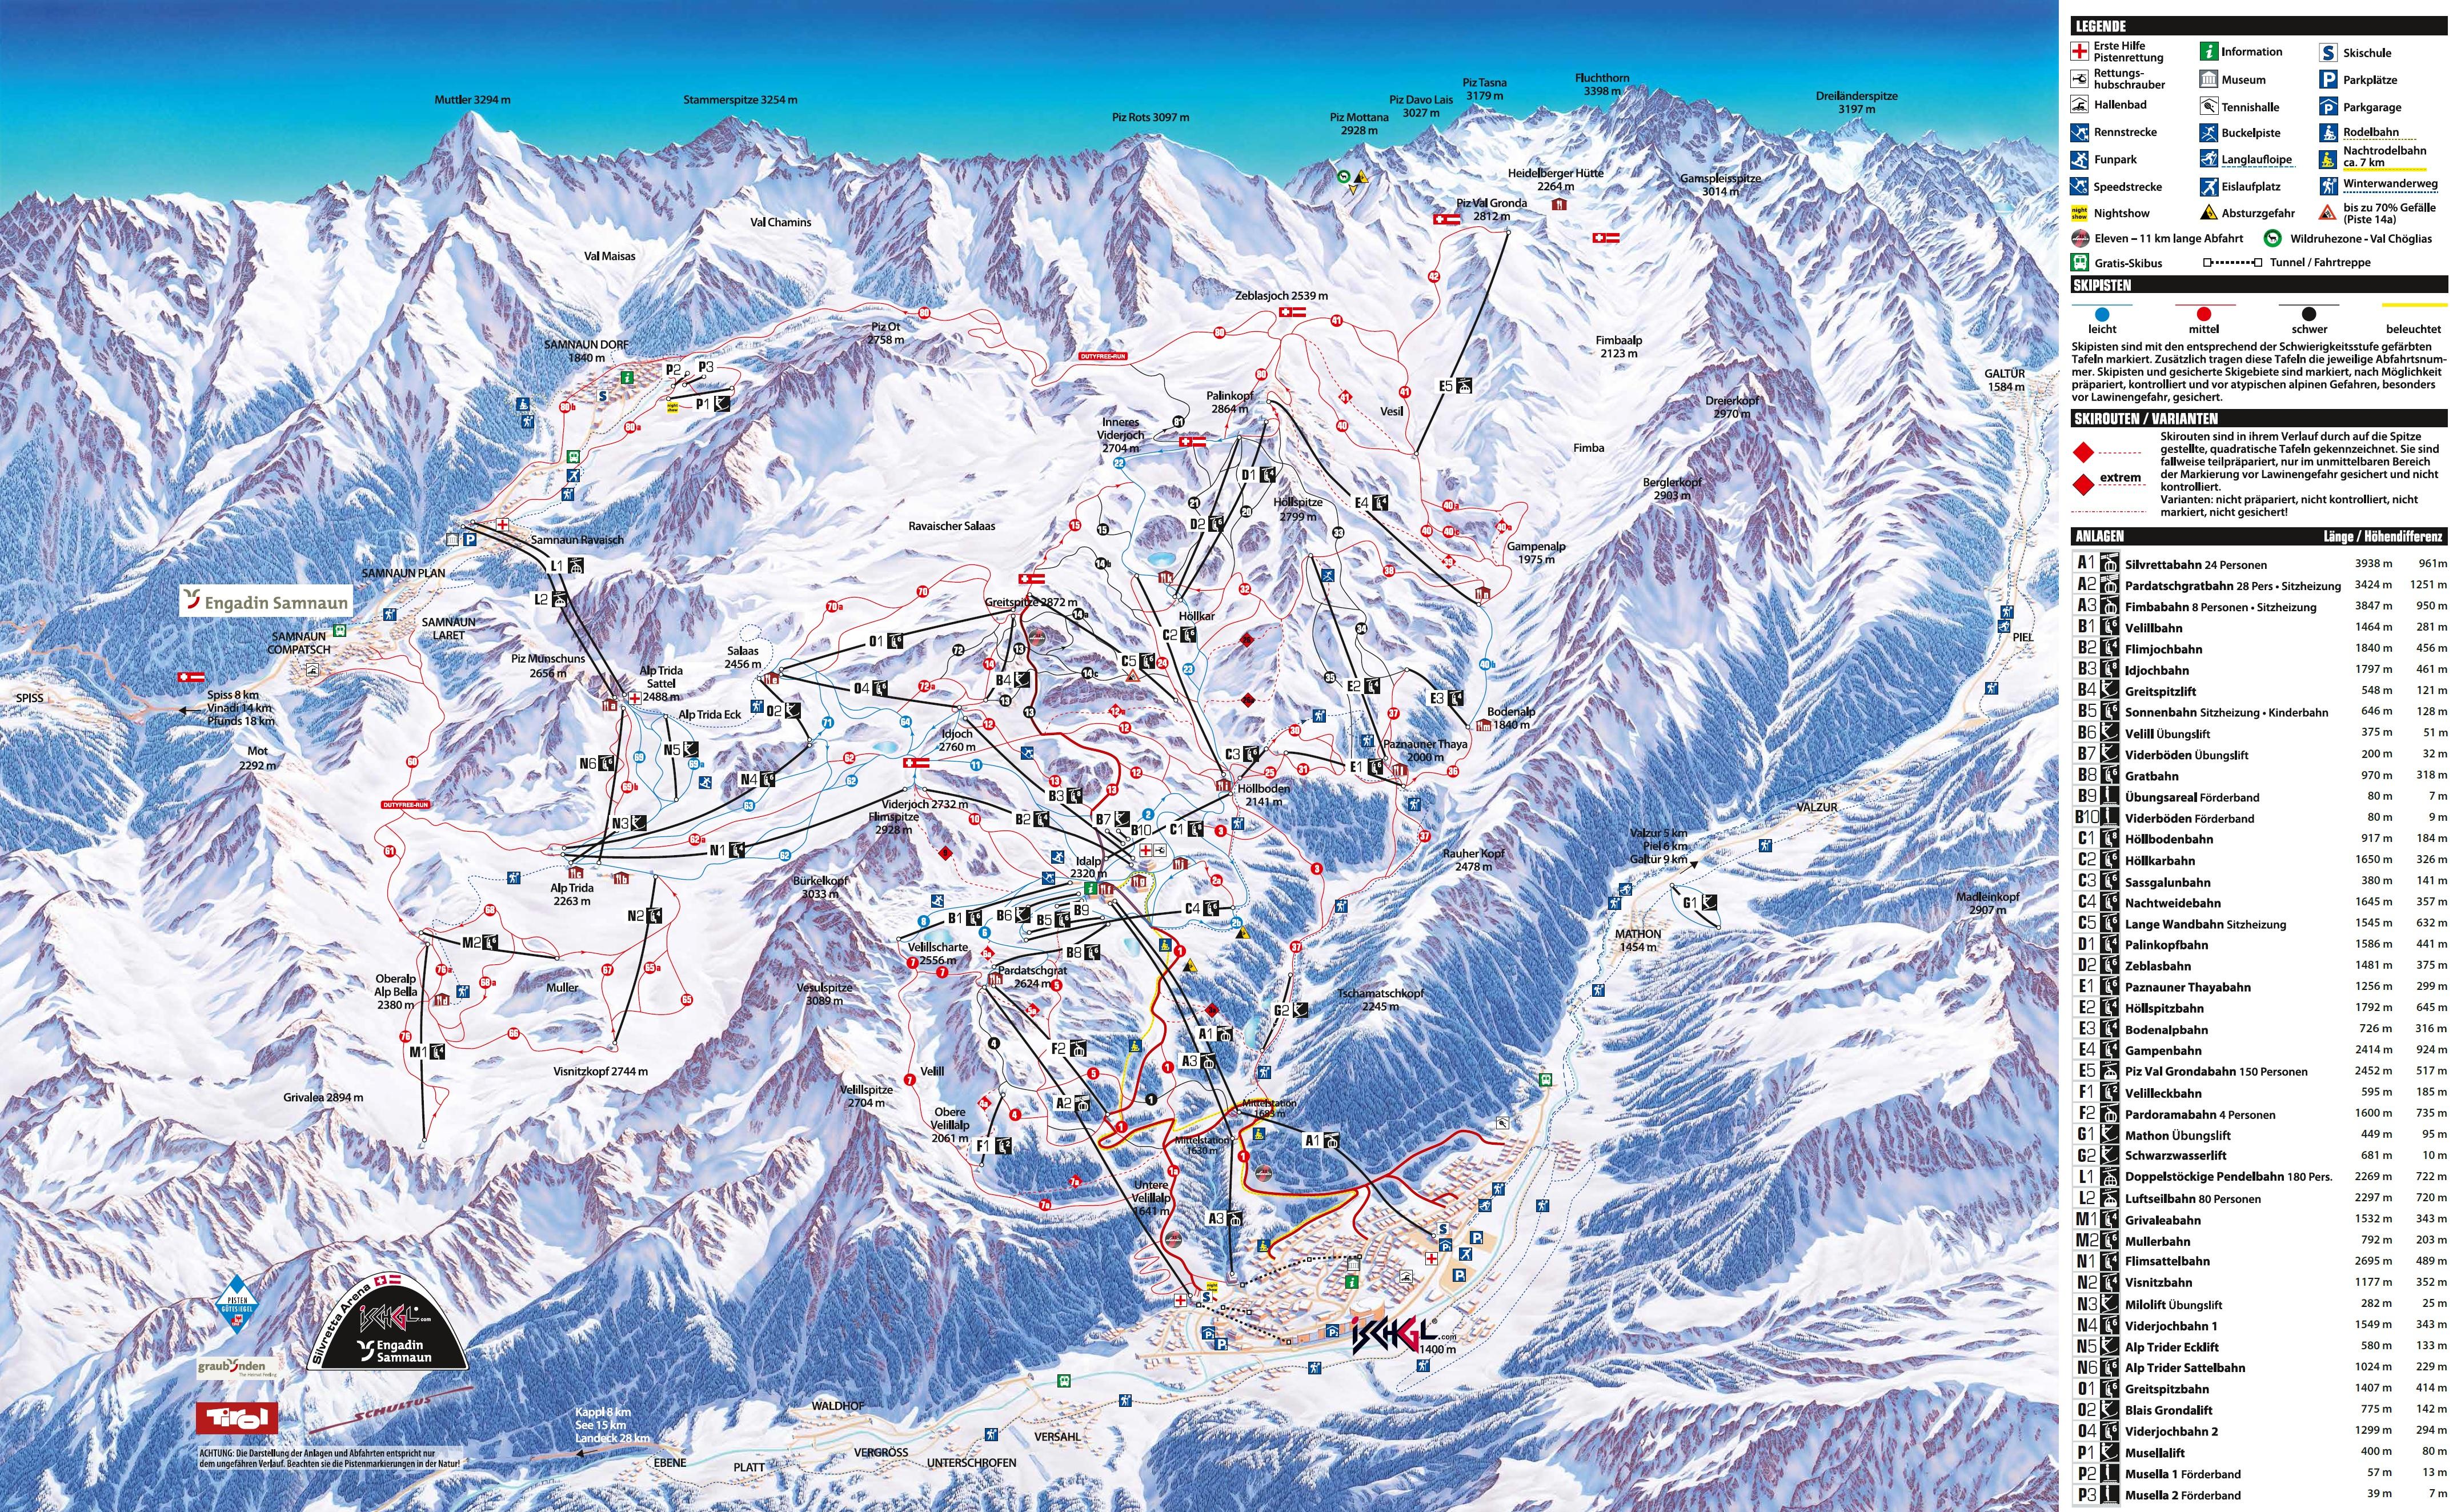 Ferienwohnung Chasa Muntera Samnaun Graubünden